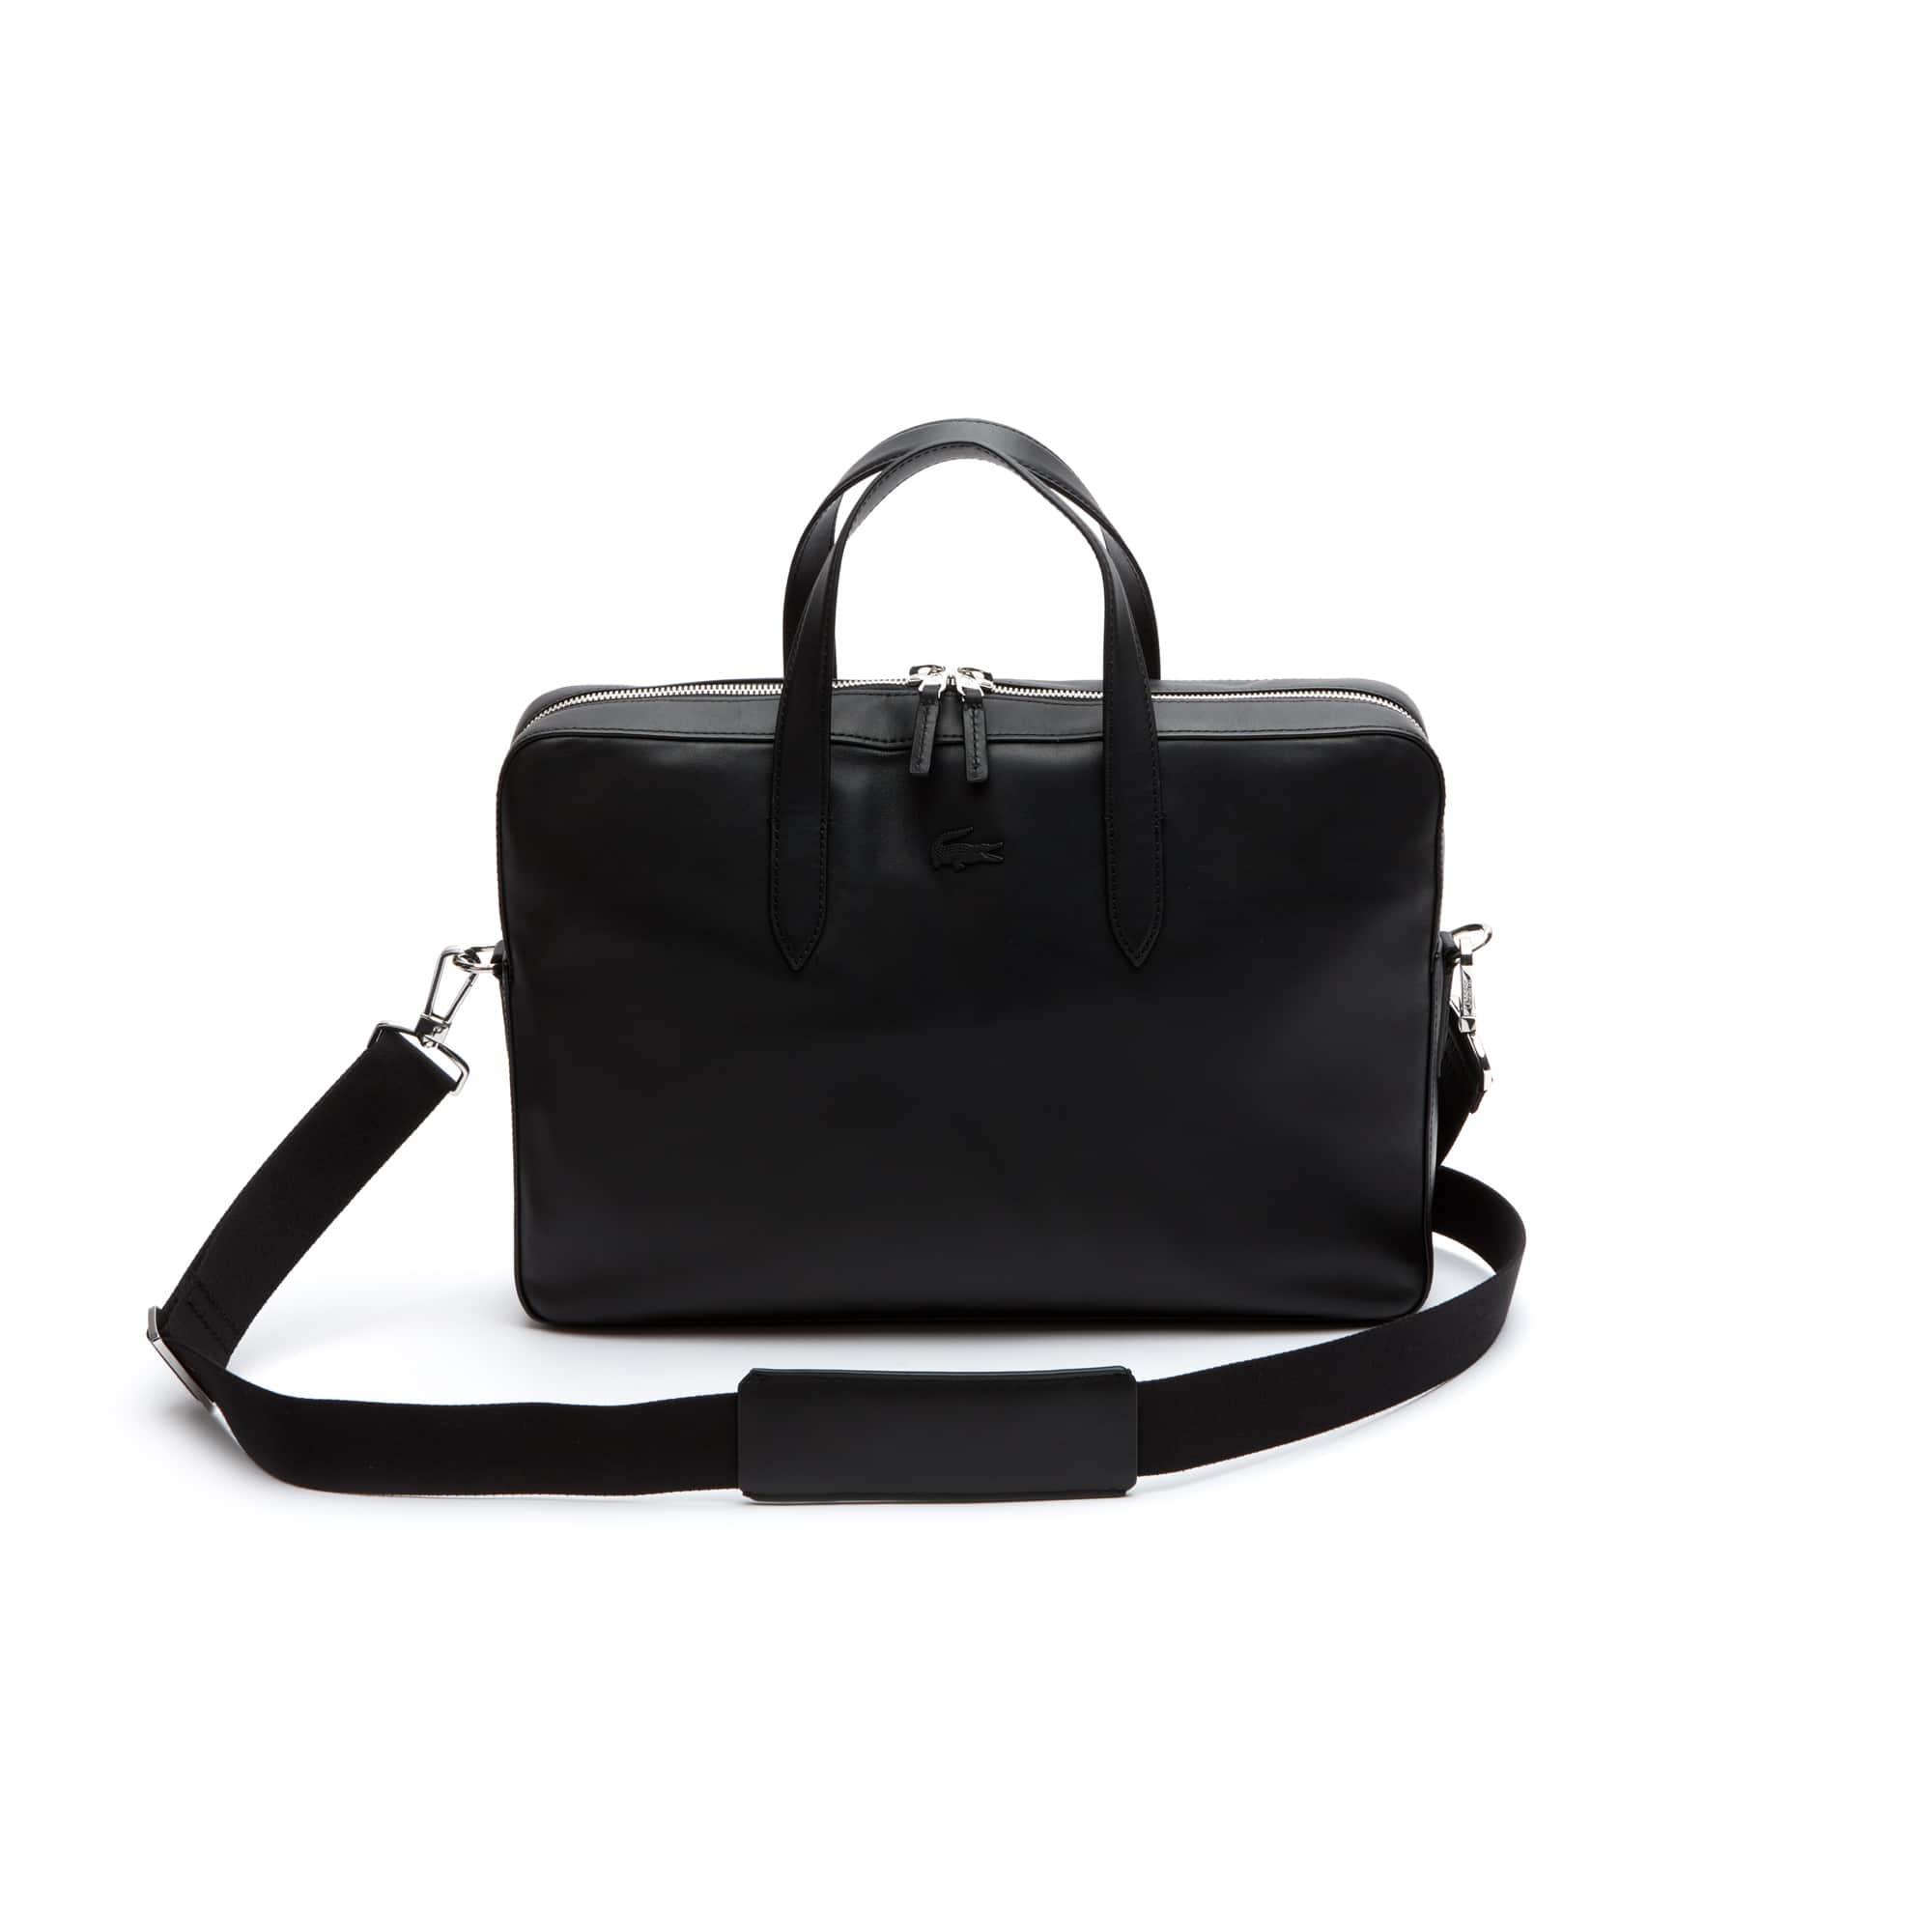 라코스테 비즈니스 노트북 가방 Lacoste Mens L.12.12 Business Leather Computer Bag,black